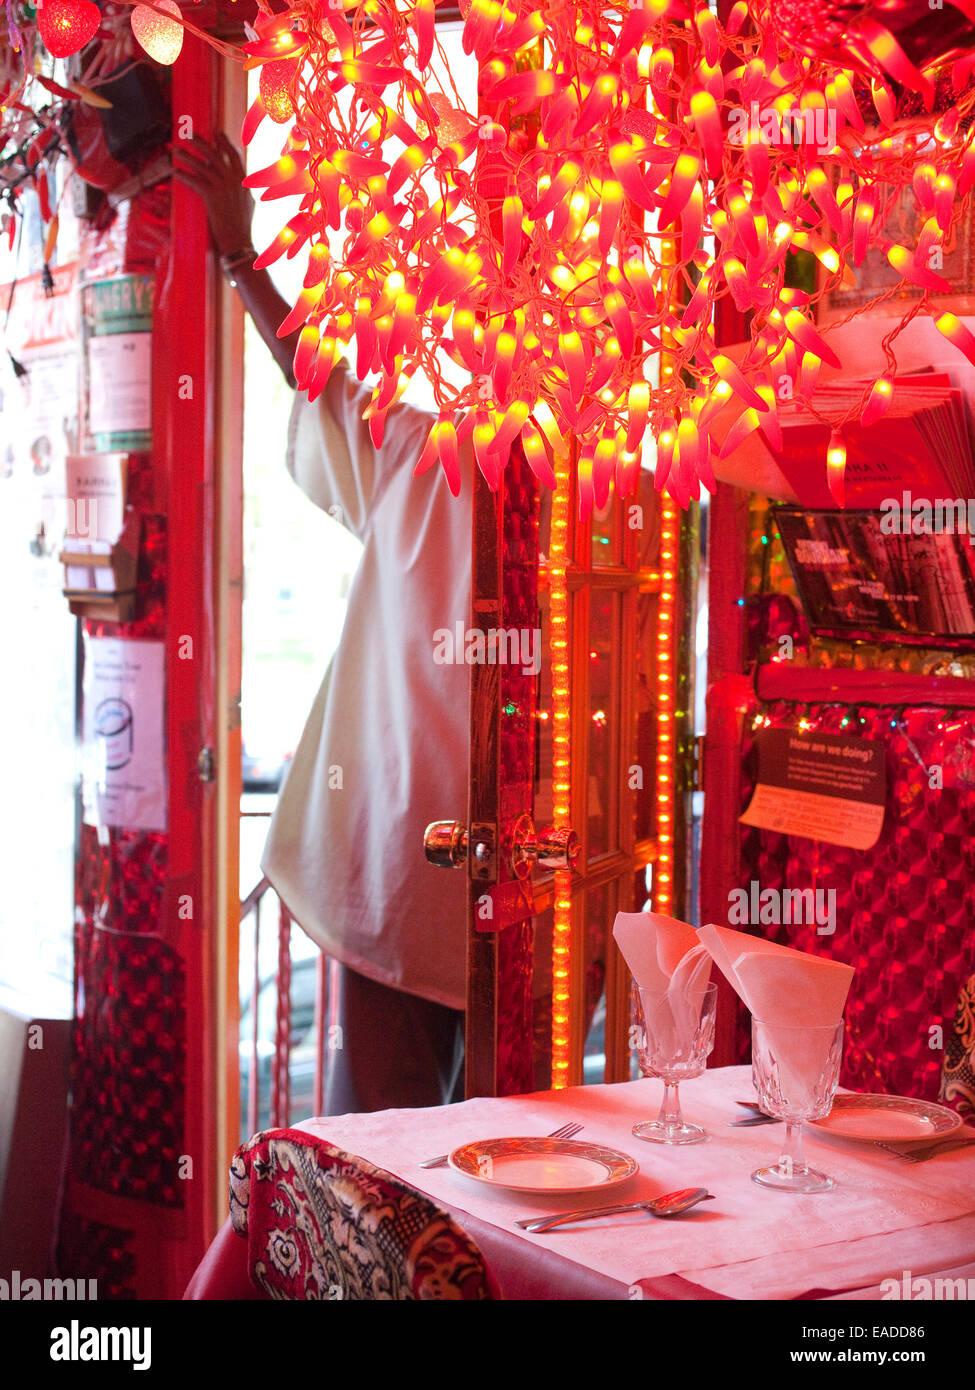 Innere des Indian Restaurant Stockbild